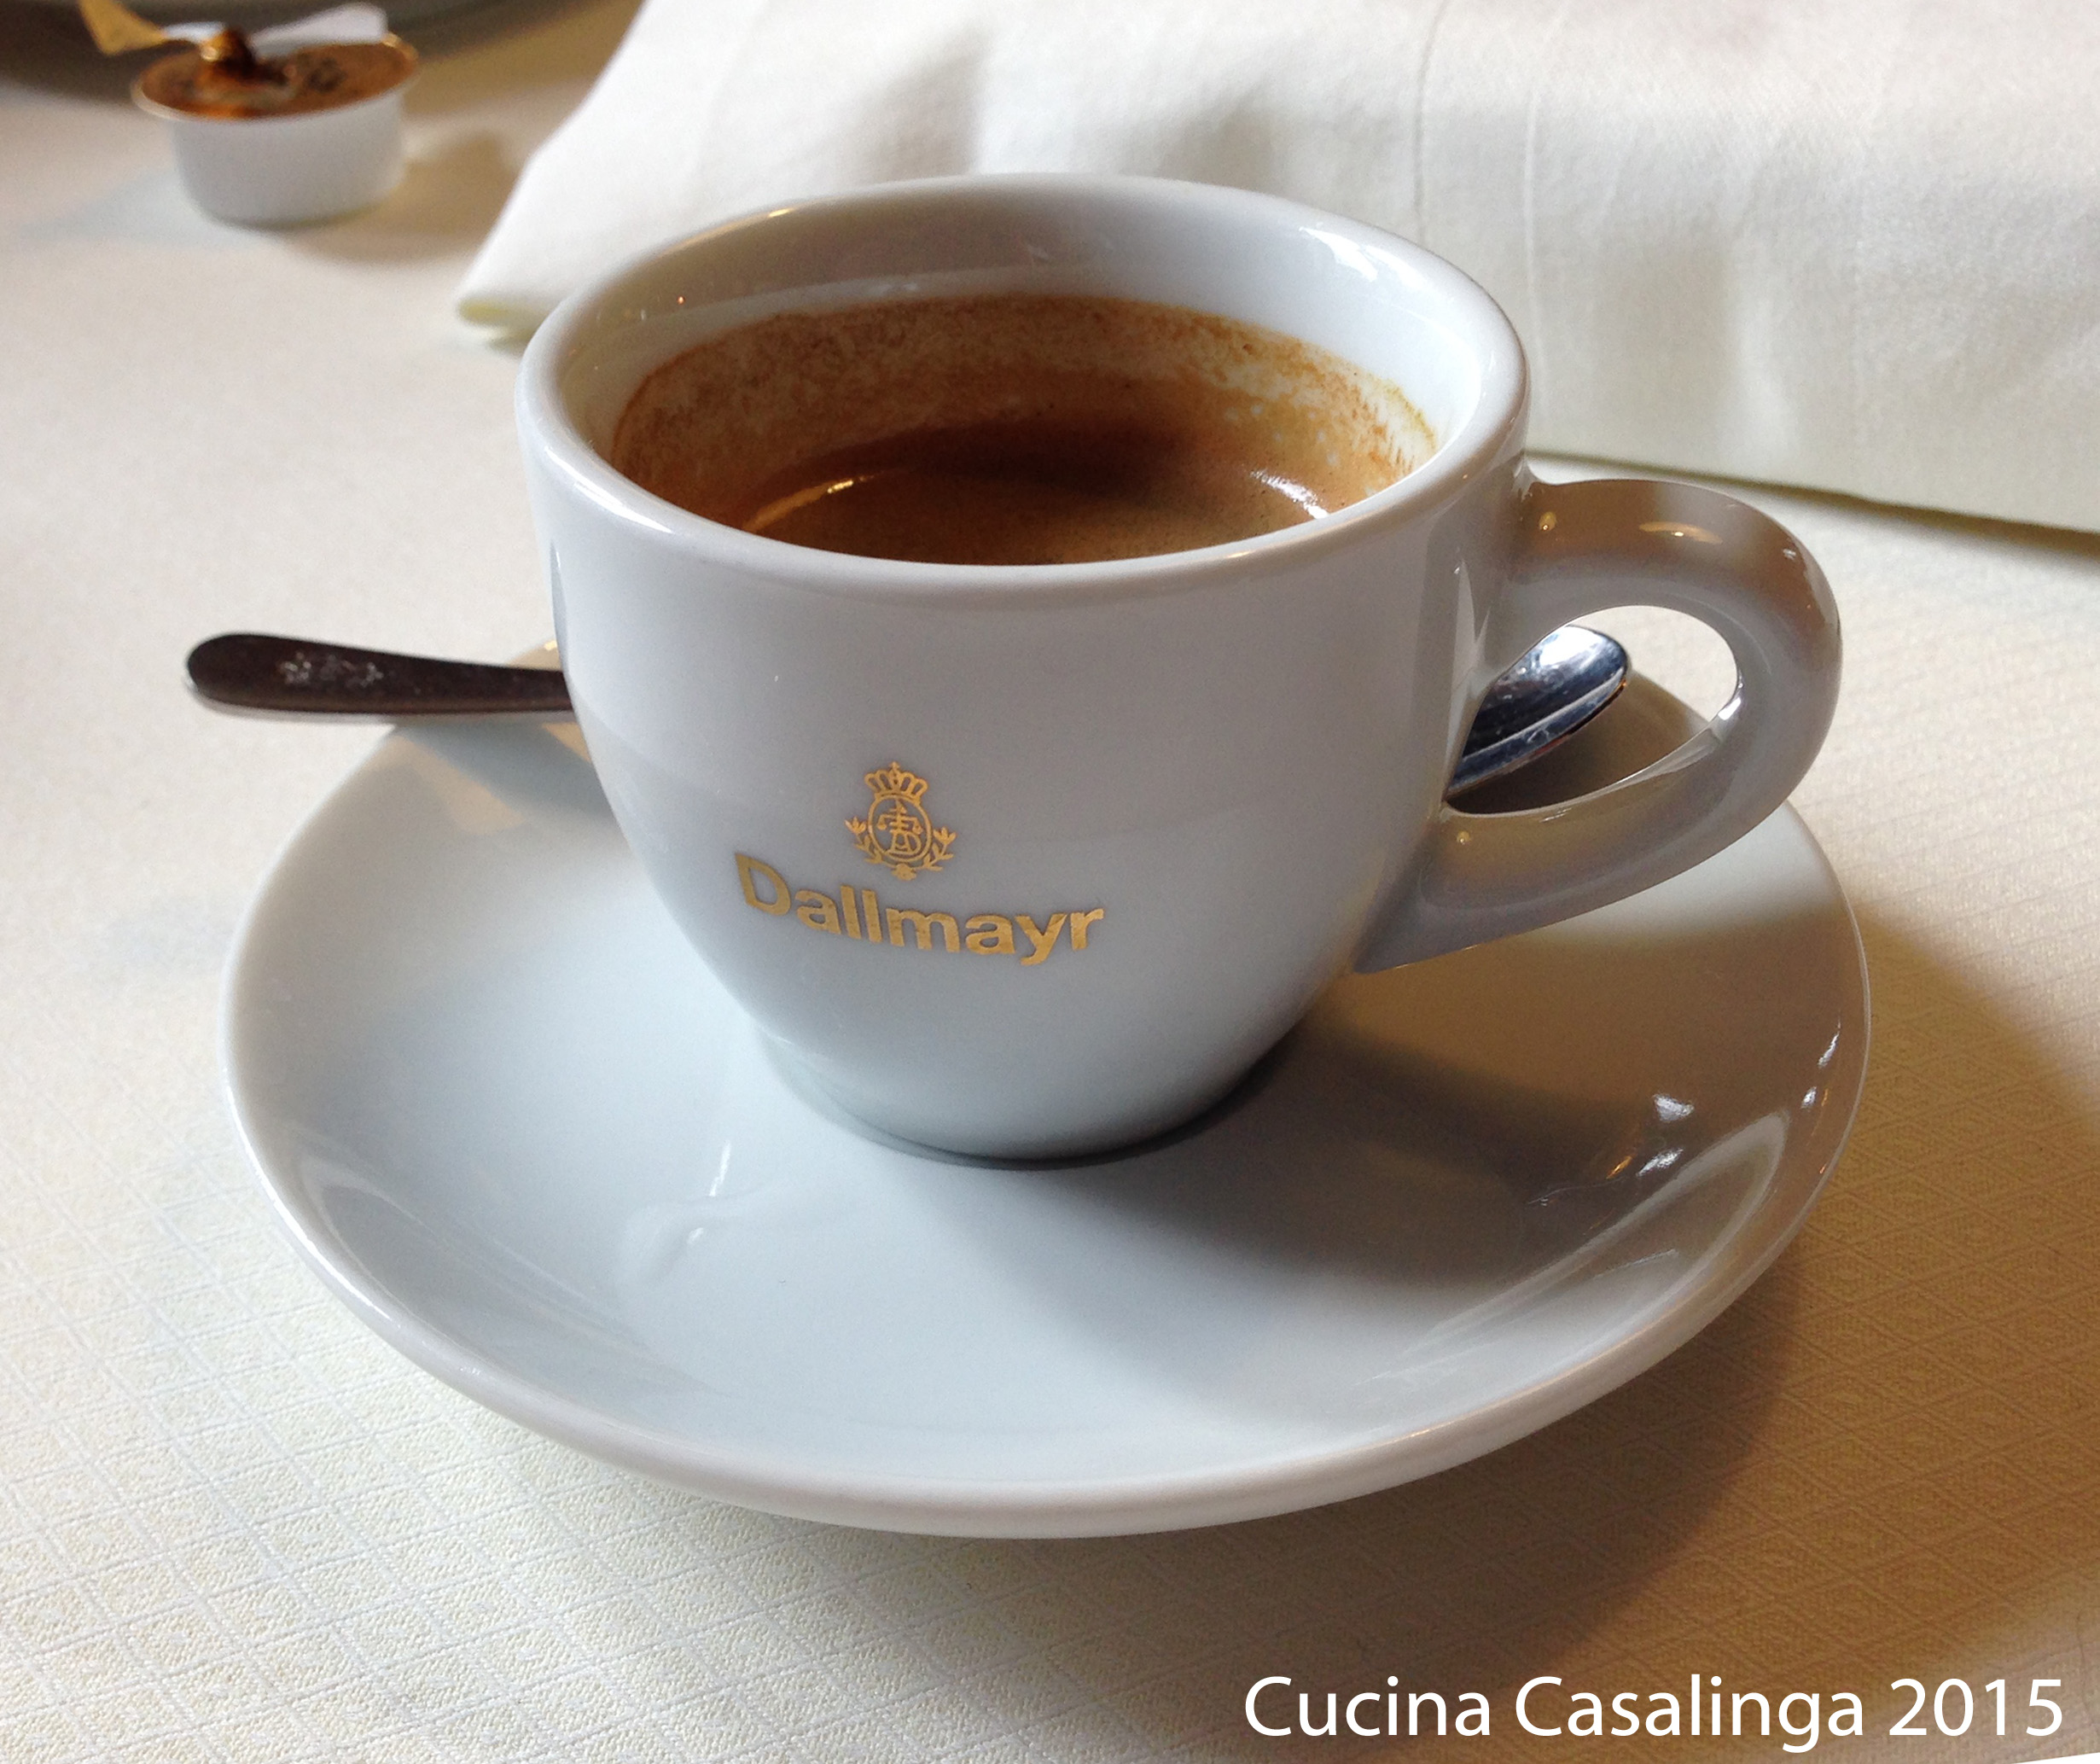 Woernbrunn Espresso